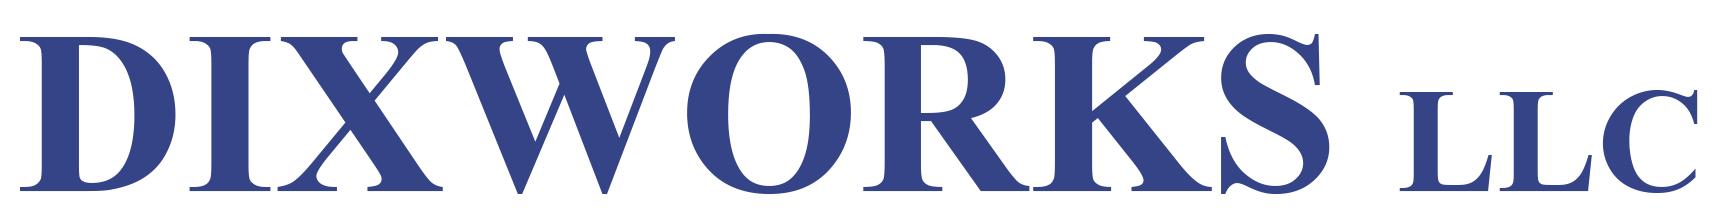 DIXWORKS LLC